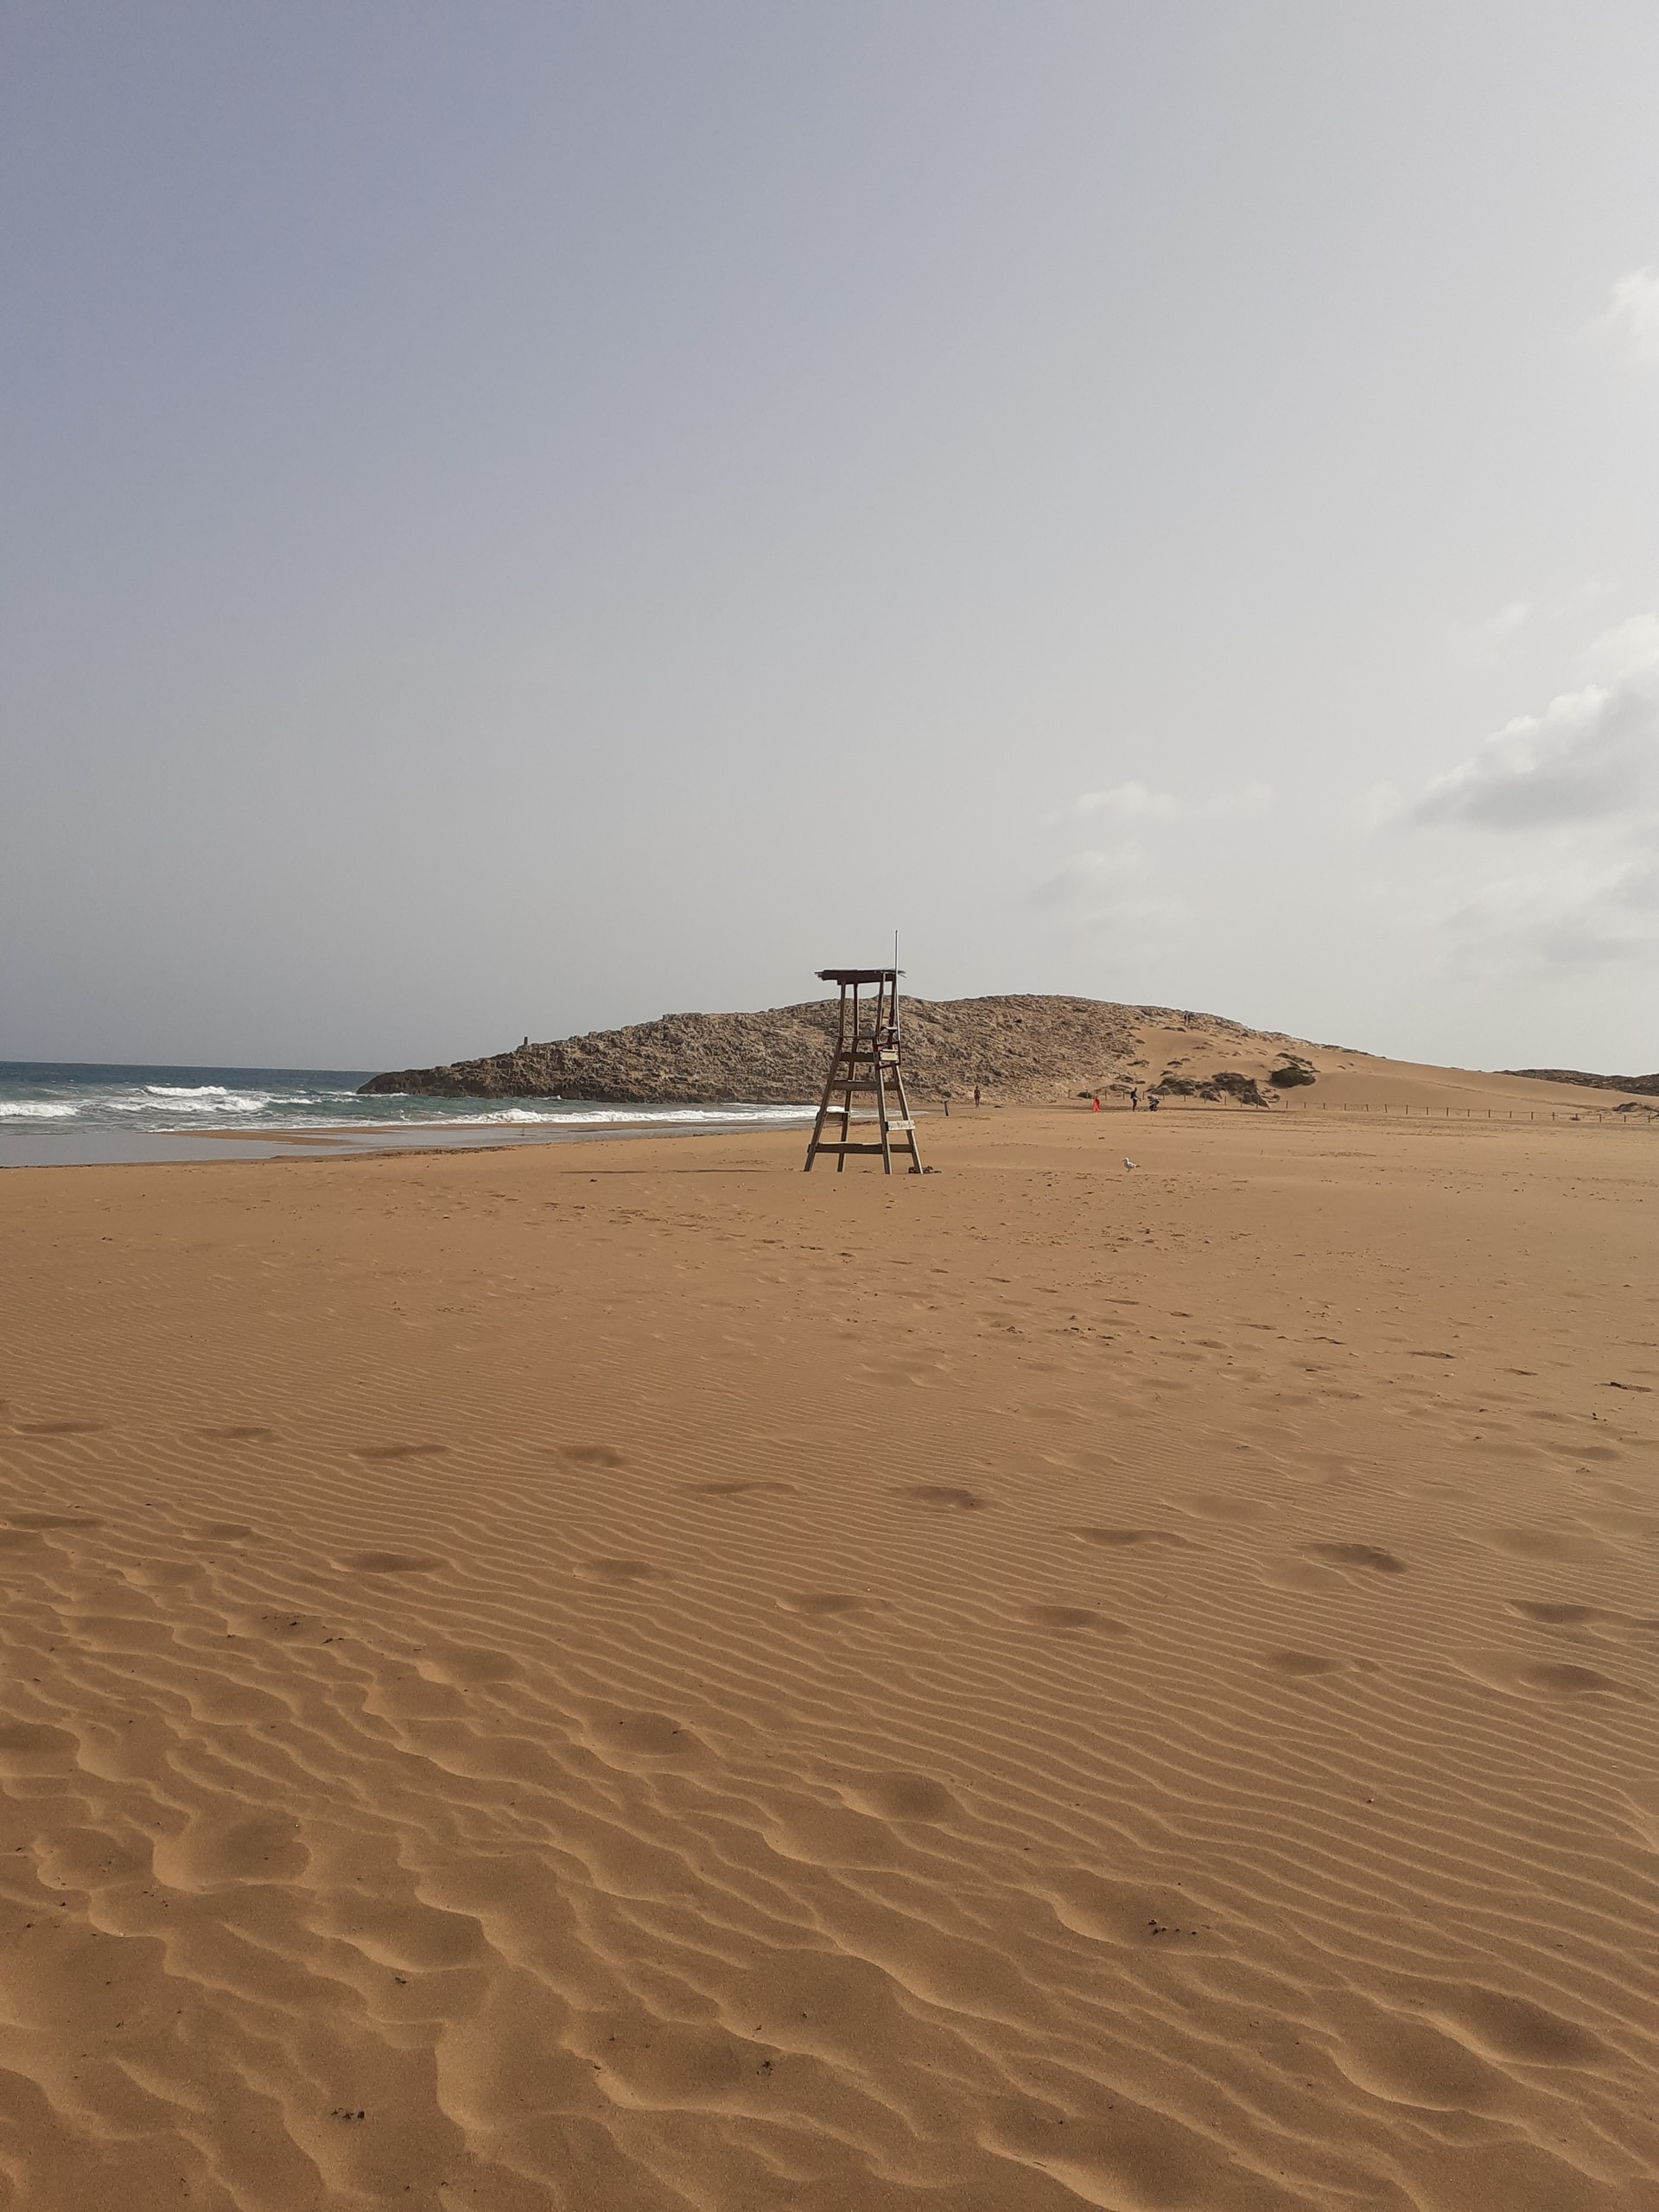 Empty sandy beach in Murcia, Spain